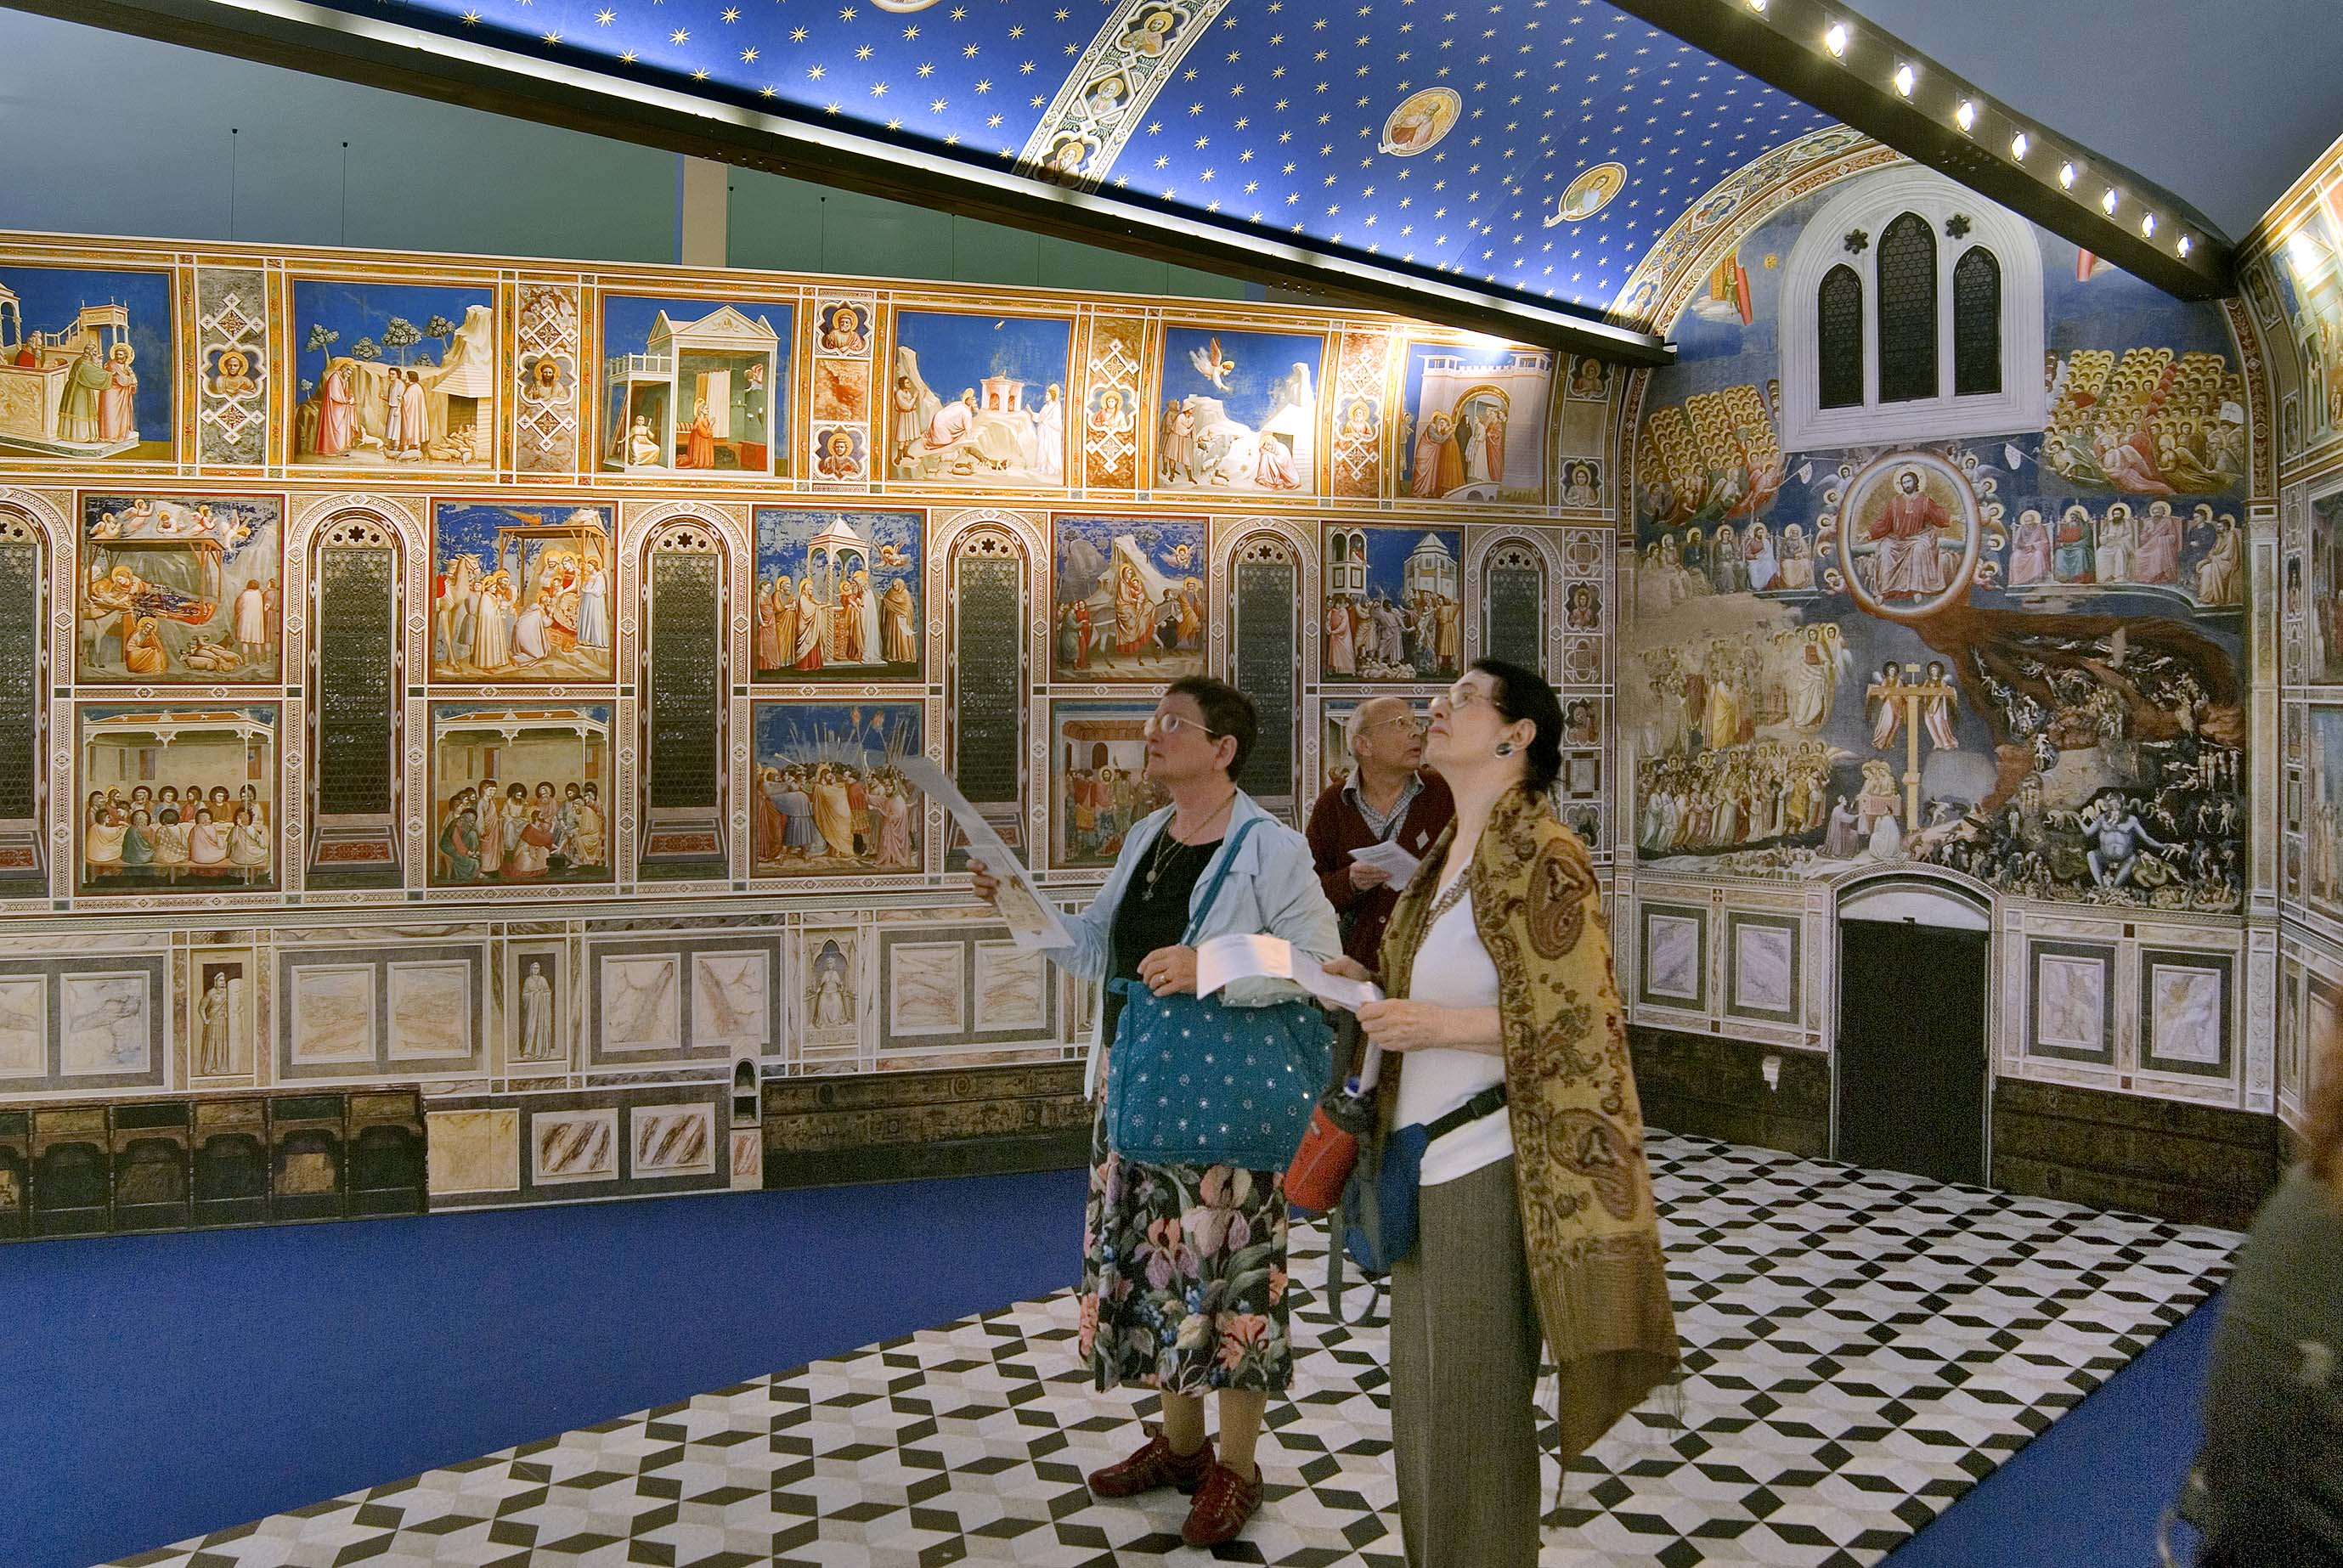 giotto lamentation arena chapel